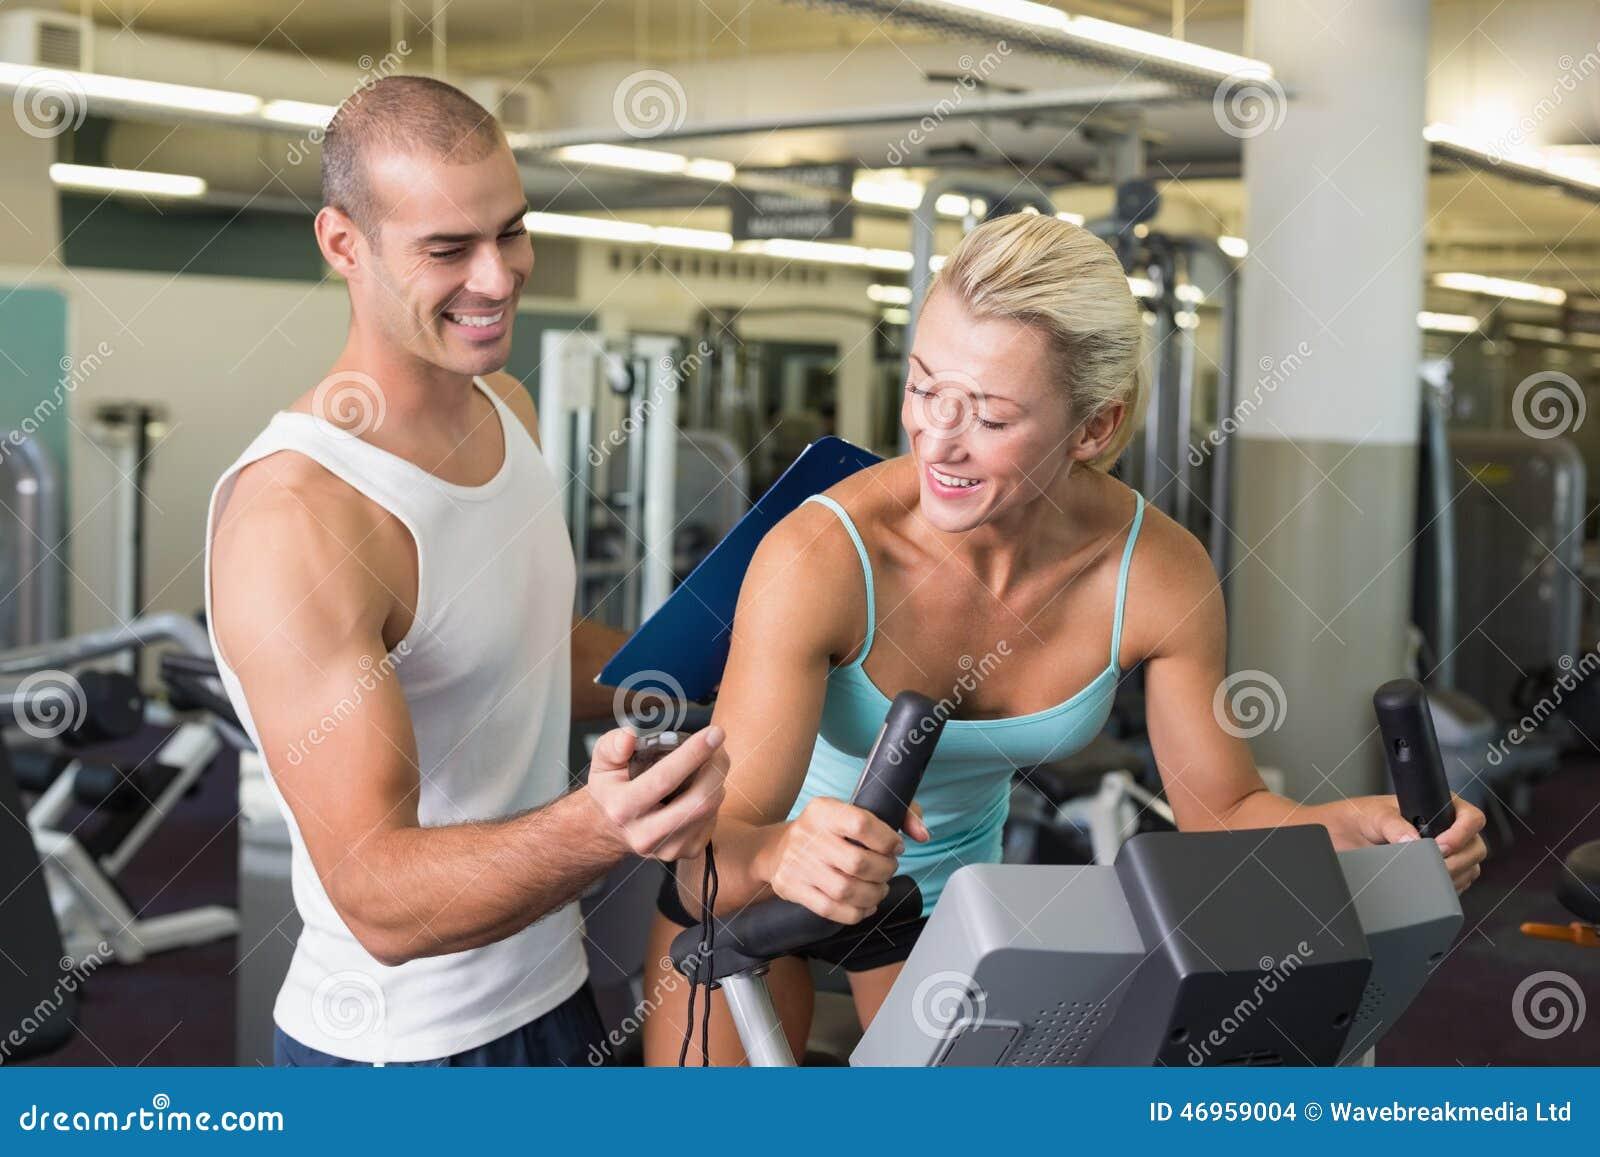 Entraîneur chronométrant son client sur le vélo d exercice au gymnase